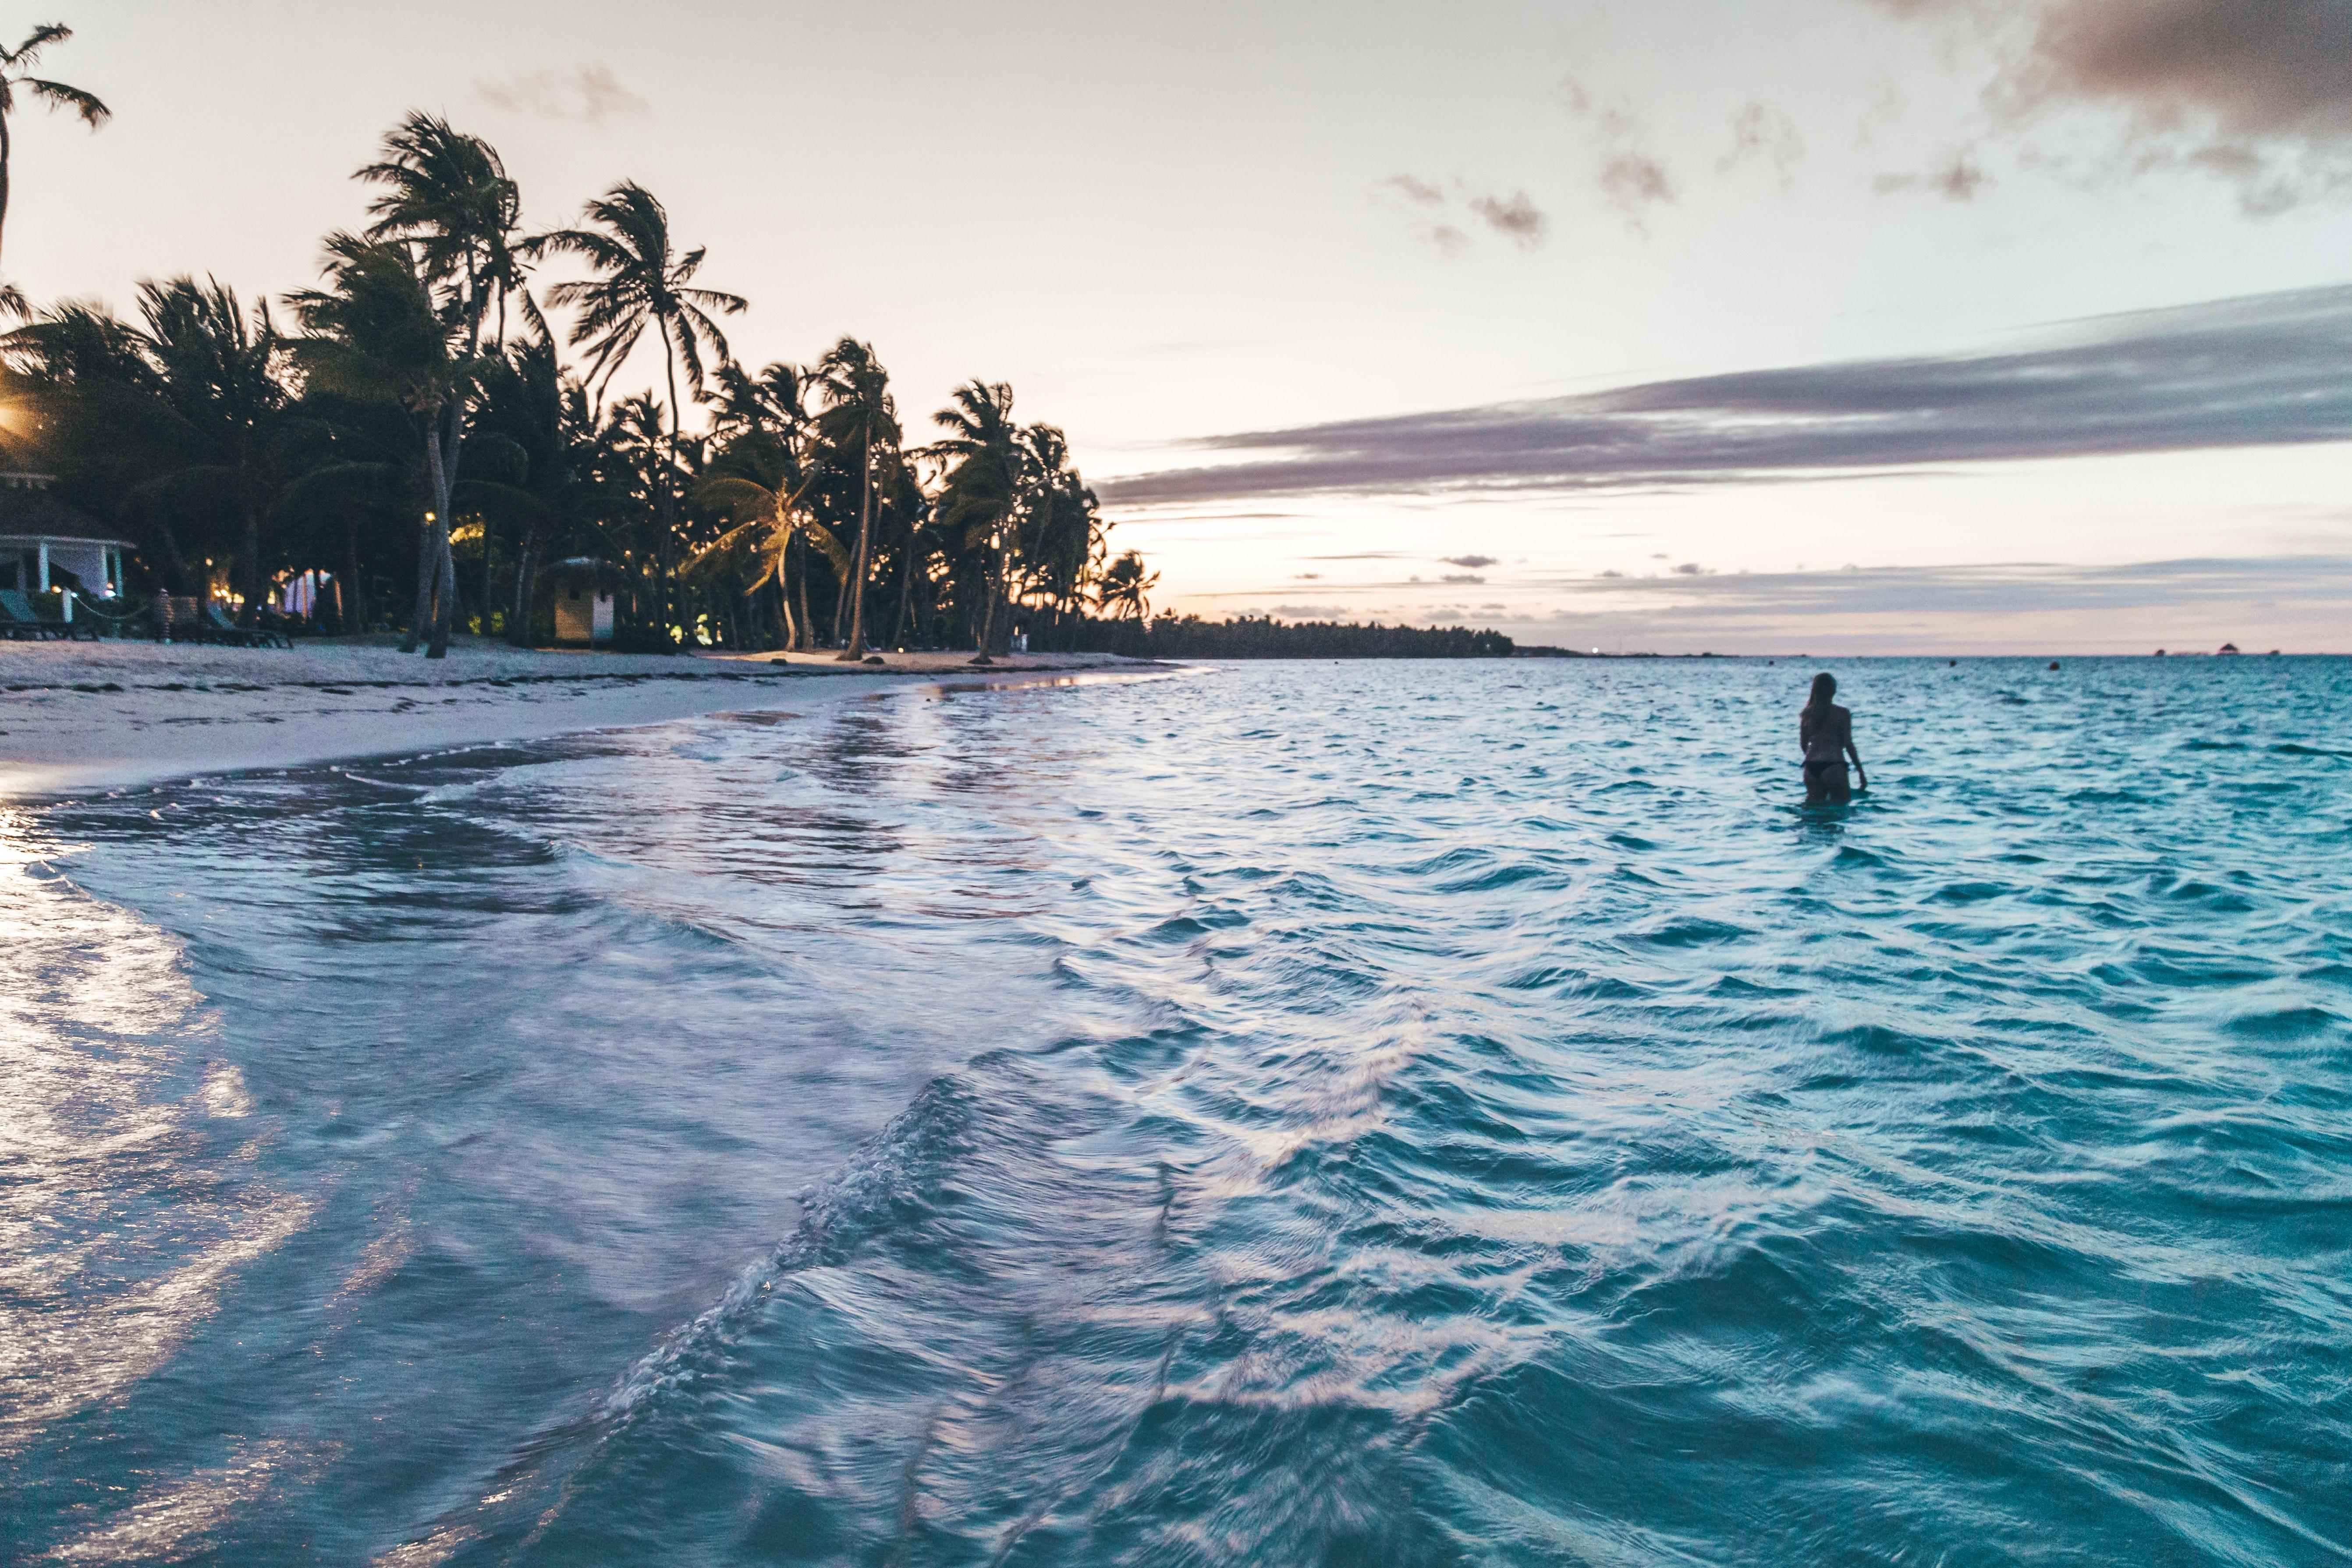 RD: Wynn Hotels desarrollará hotel de 9,000 habitaciones en Punta Cana